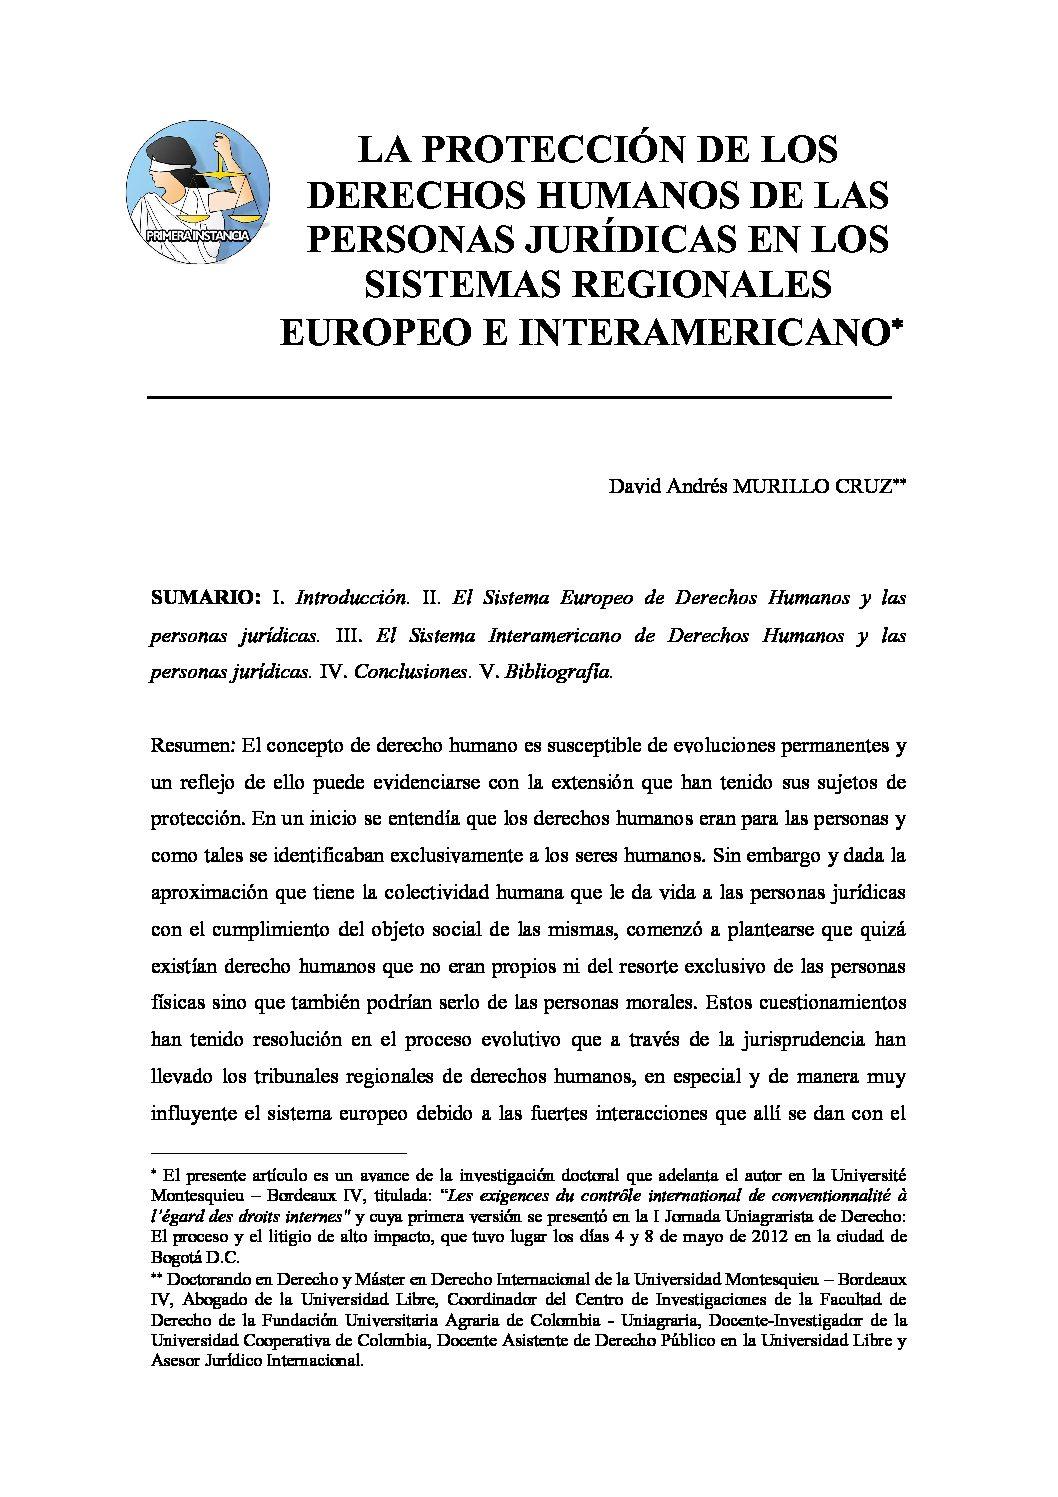 LA PROTECCIÓN DE LOS DERECHOS HUMANOS DE LAS PERSONAS JURÍDICAS EN LOS SISTEMAS REGIONALES EUROPEO E INTERAMERICANO, David Andrés Murillo Cruz